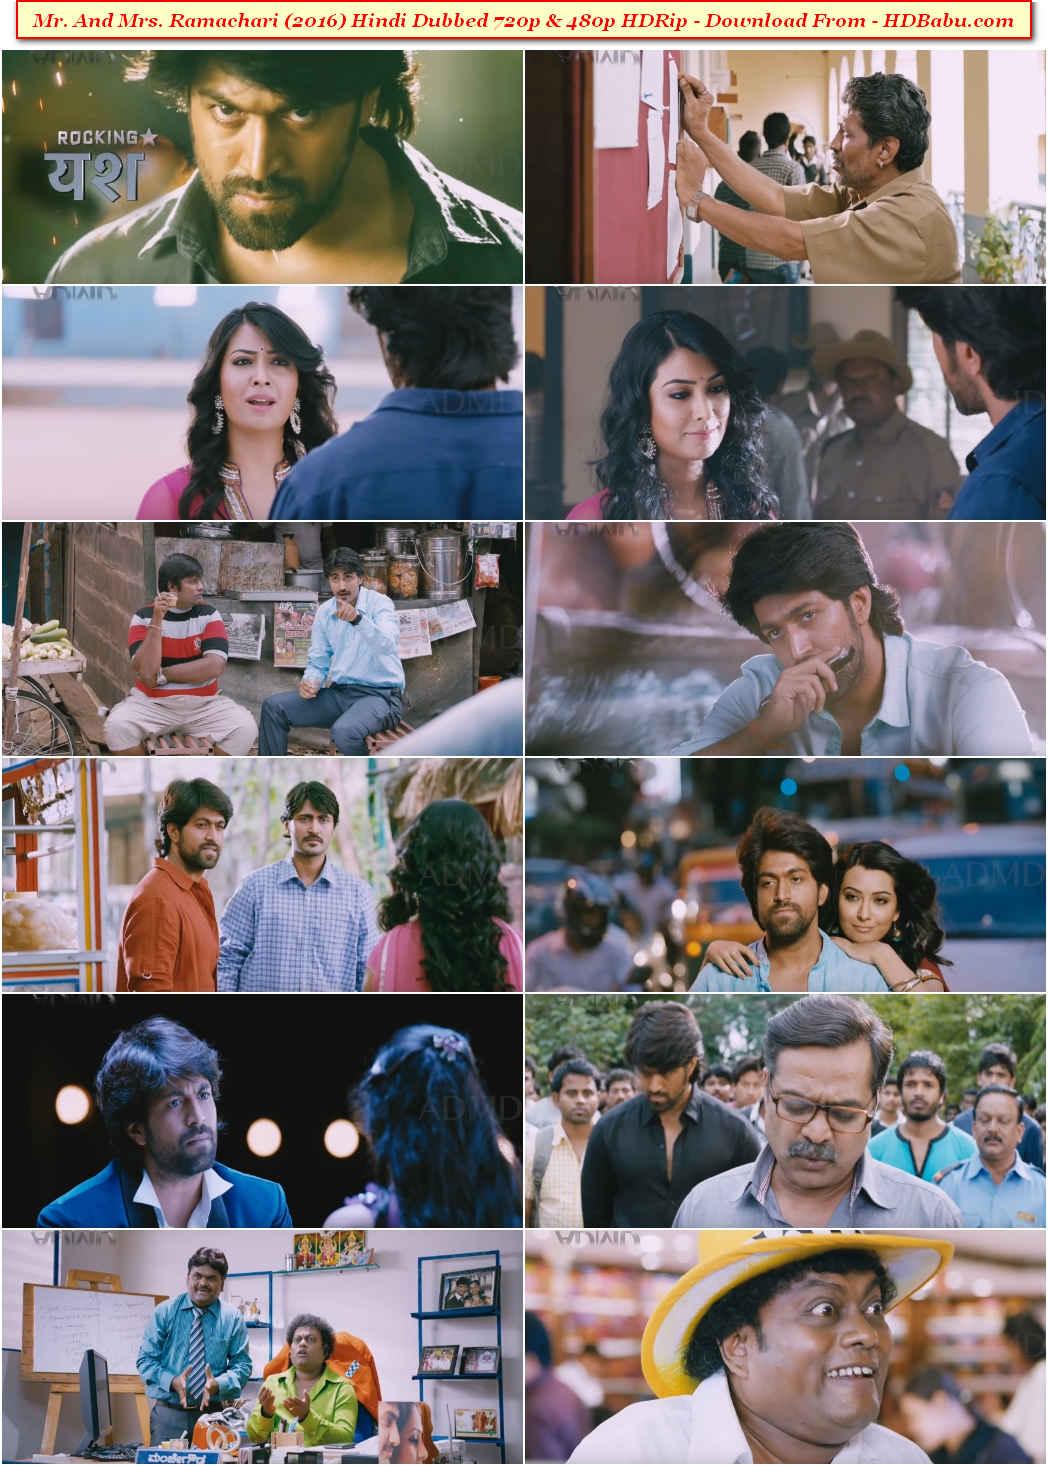 Mr And Mrs Ramachari Hindi Dual Audio Full Movie Download